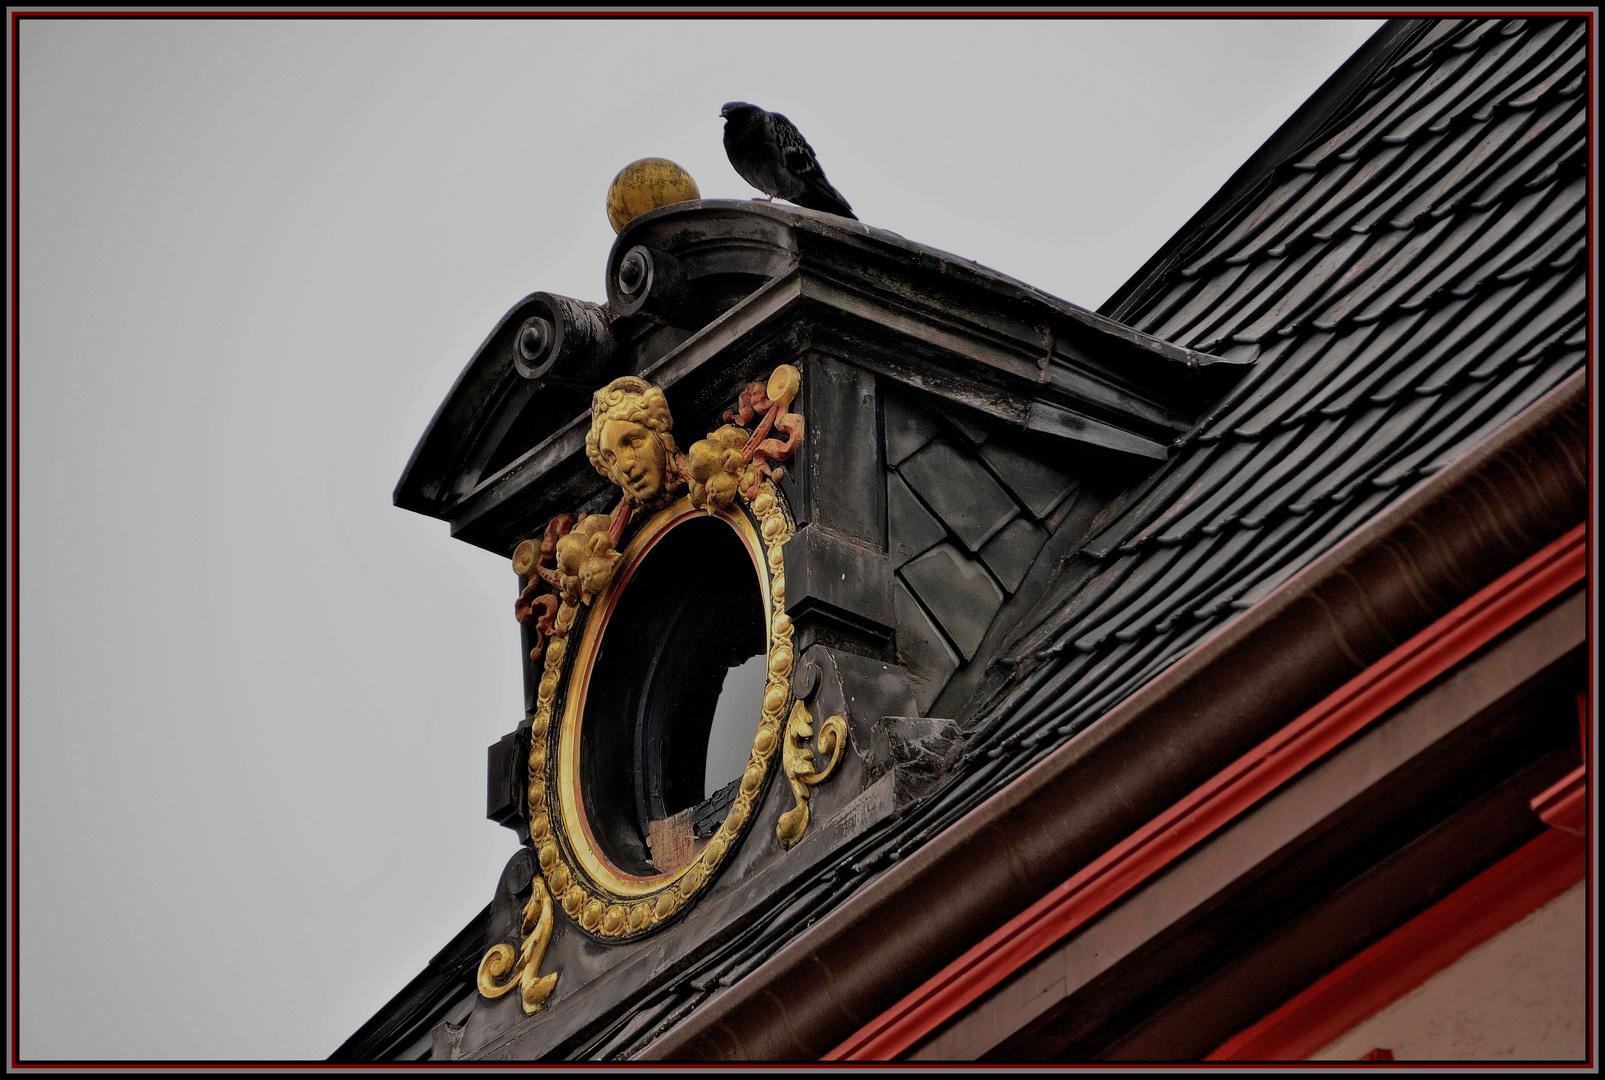 ... als die Taube auf dem Dach !